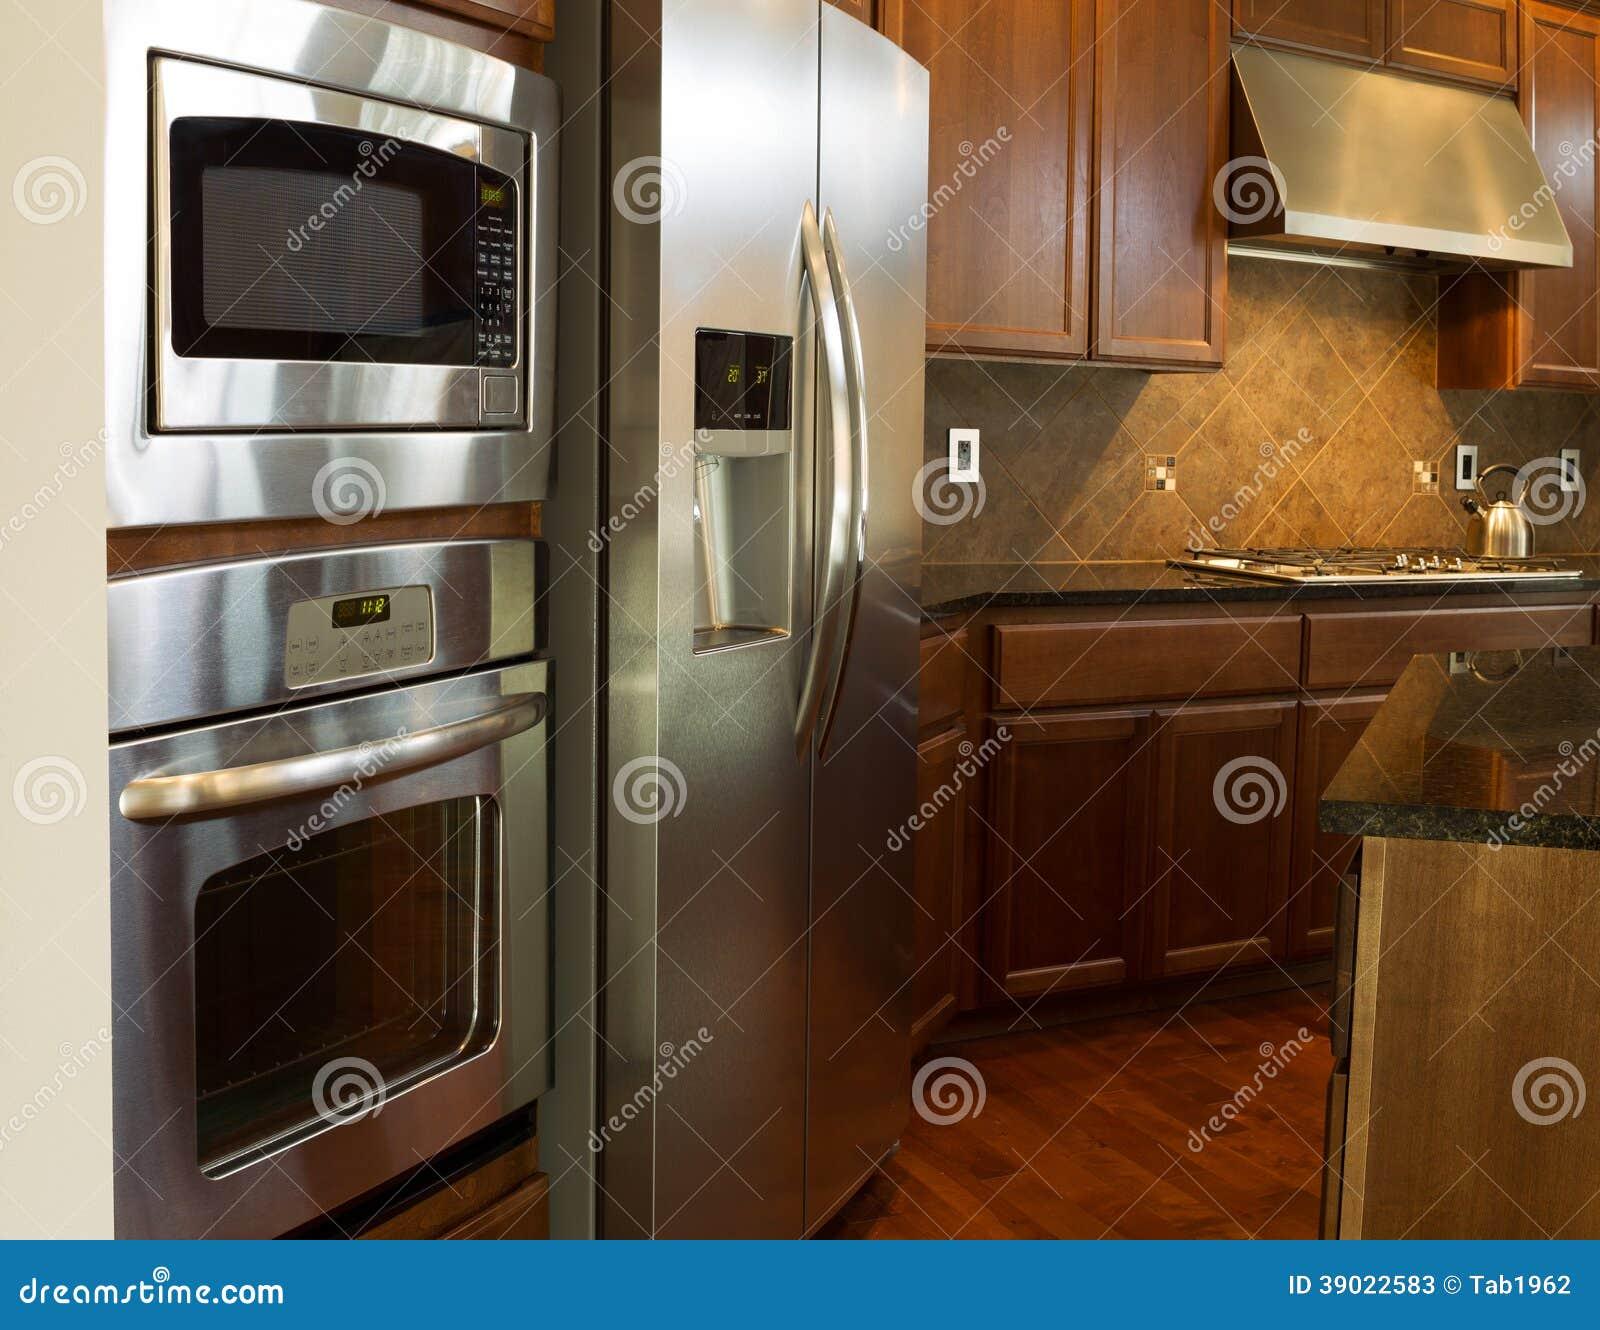 Elettrodomestici da cucina immagine stock immagine di contatore 39022583 - Elettrodomestici da cucina ...